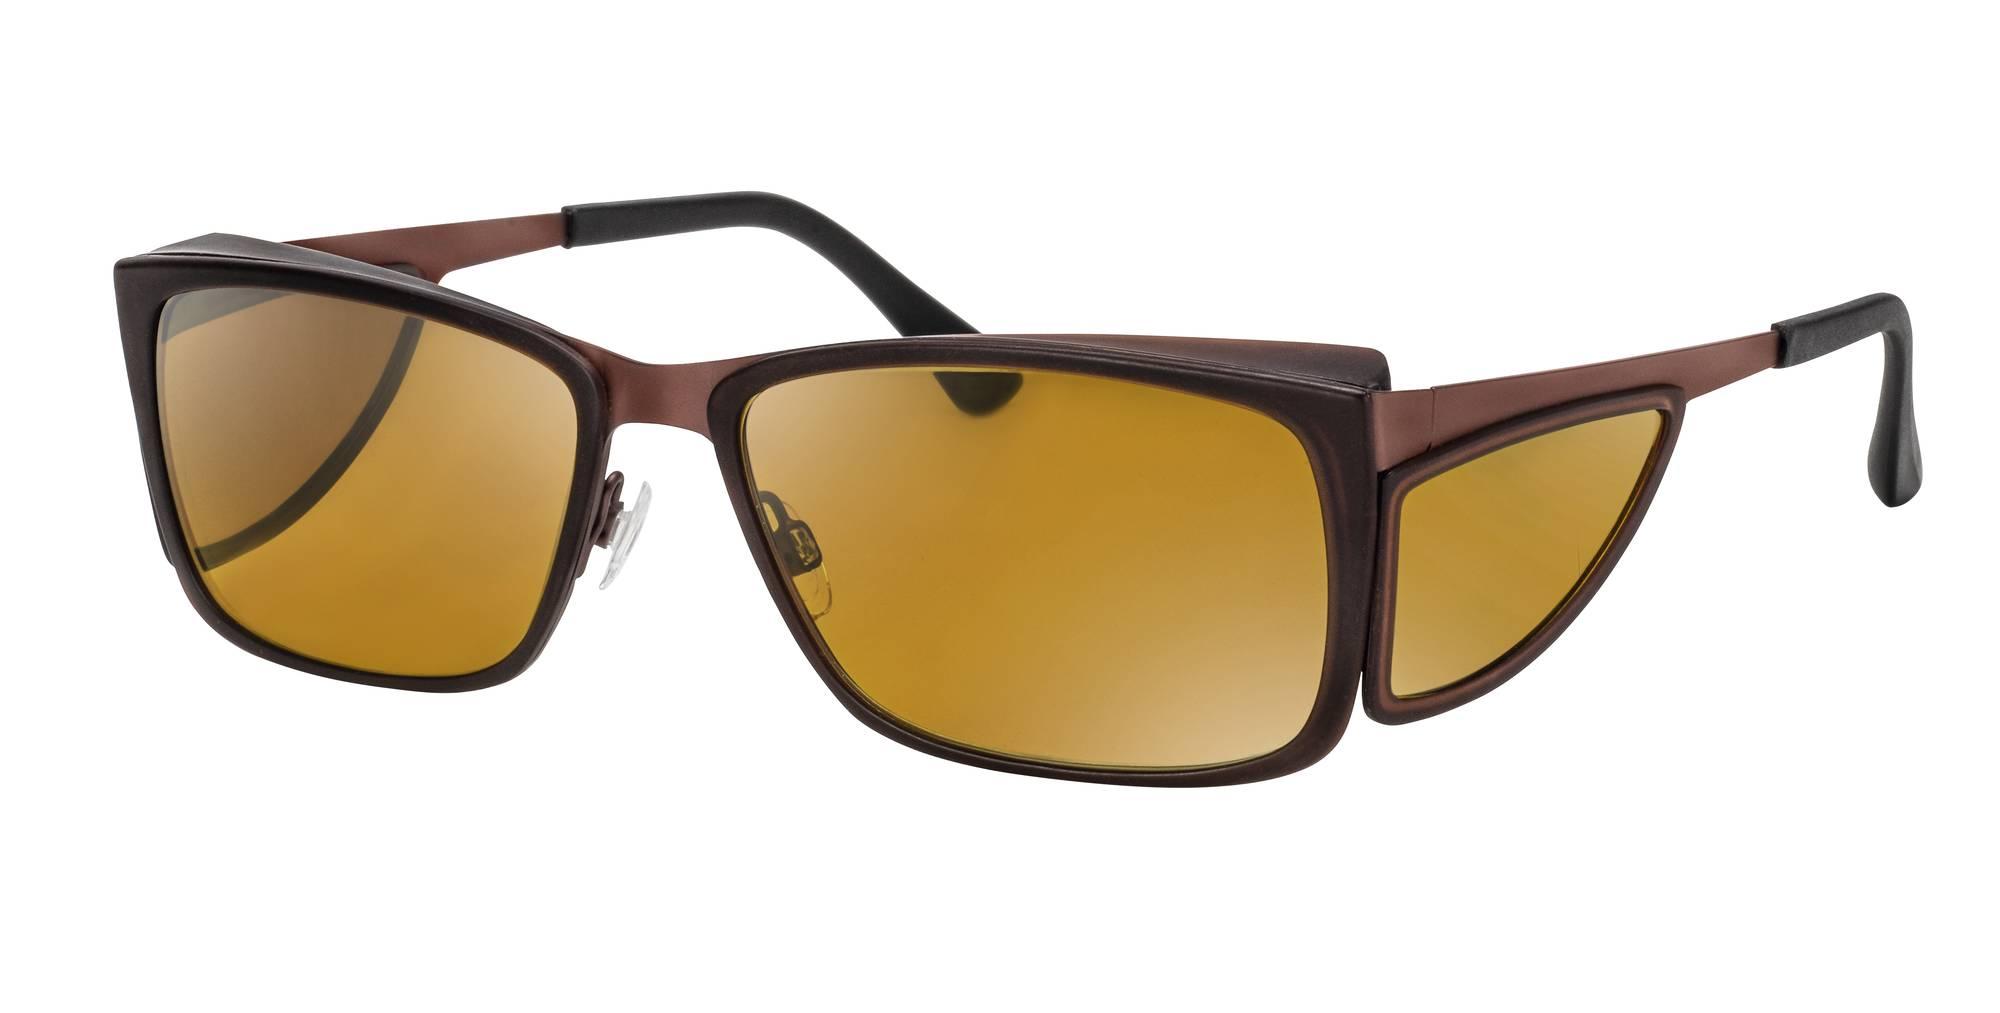 Brille für Makuladegeneration mit starkem Blendschutz